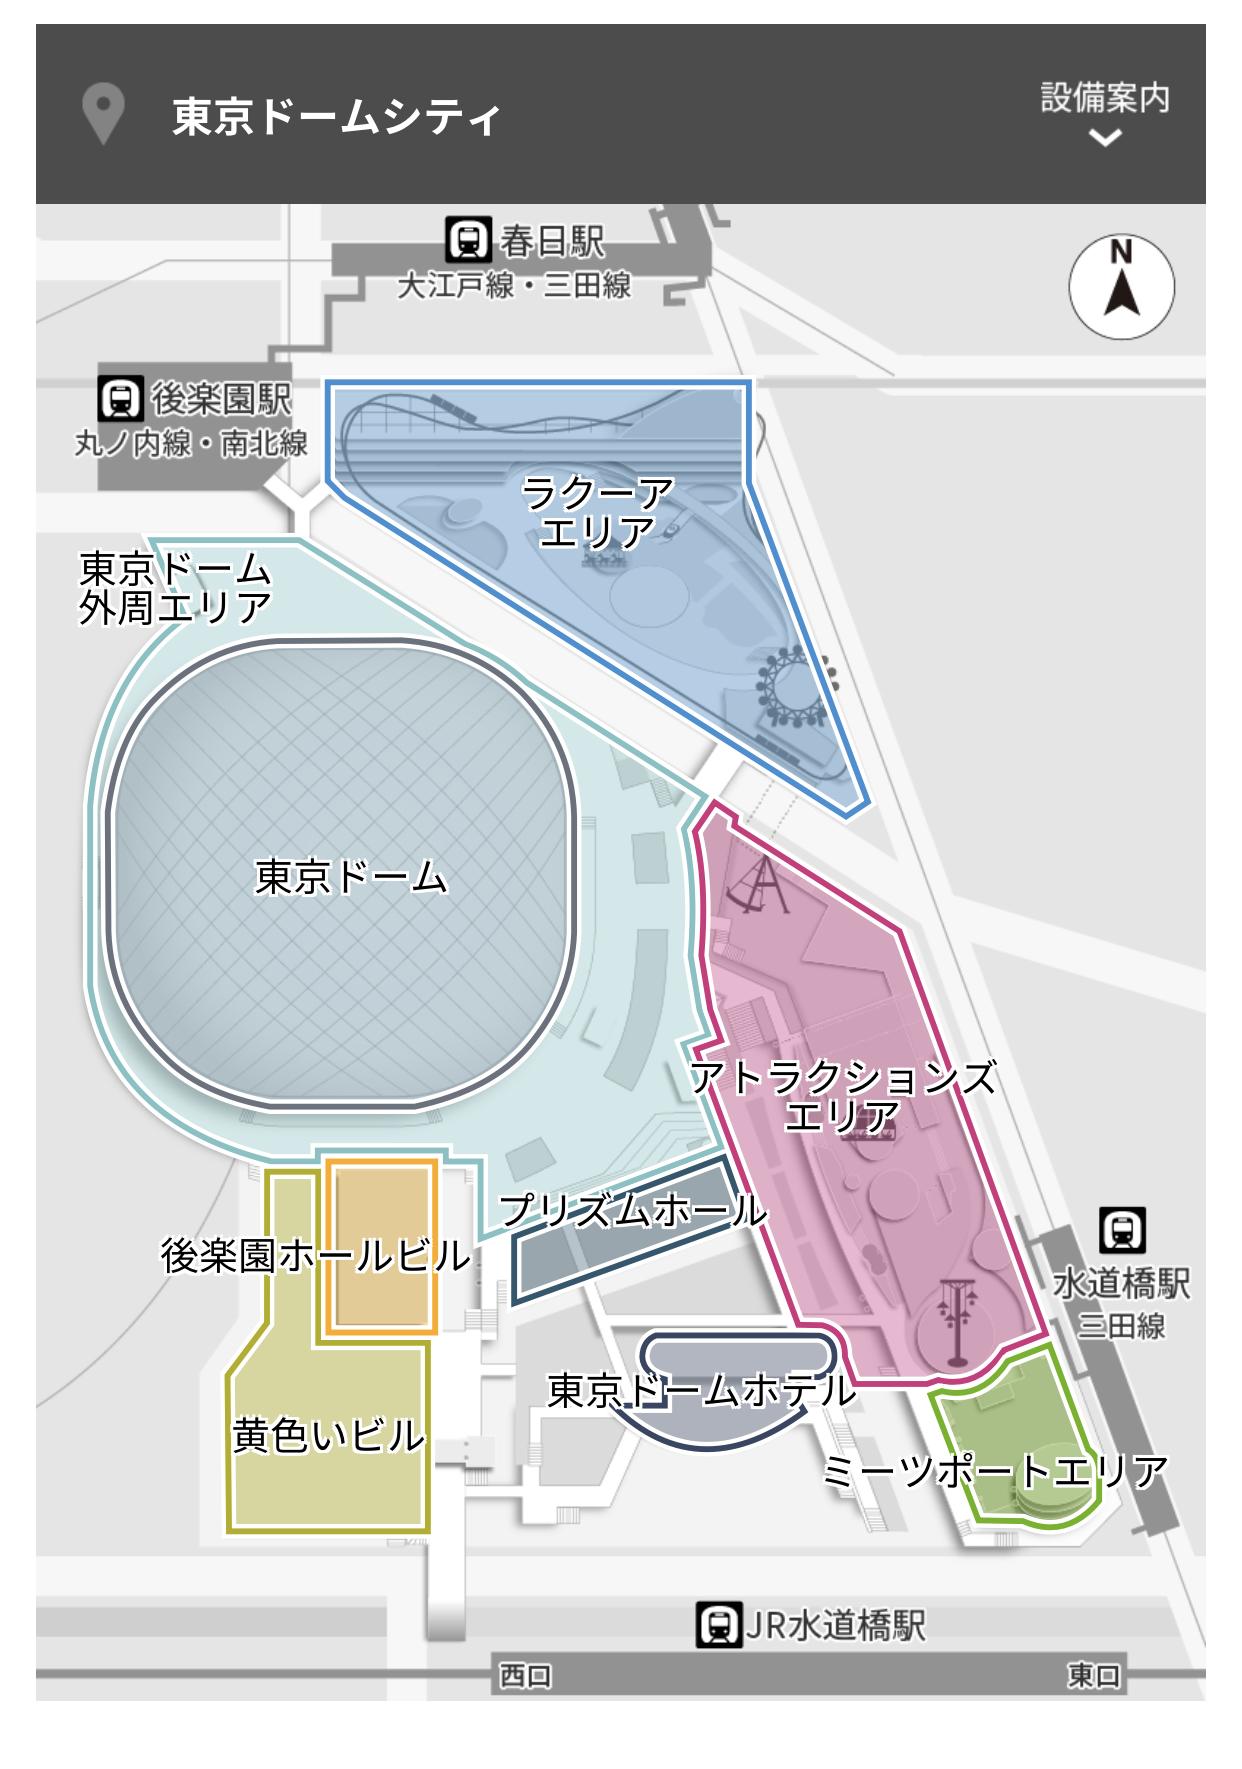 東京ドームアクセス